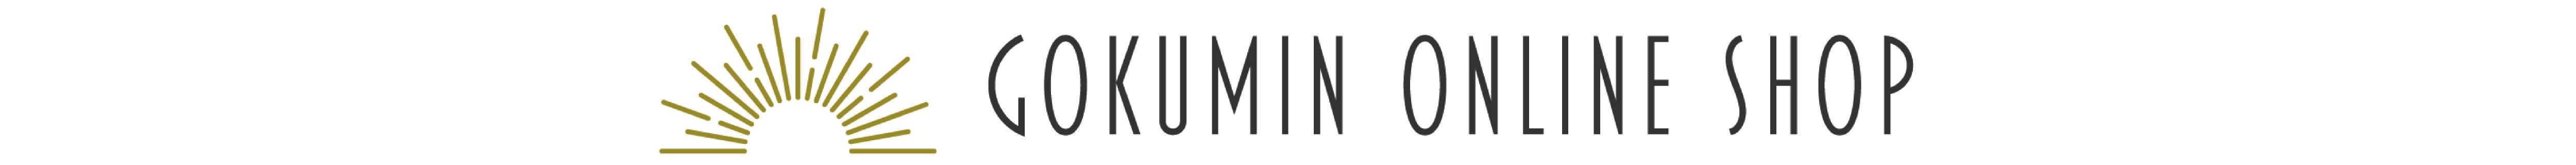 GOKUMIN ONLINE SHOP